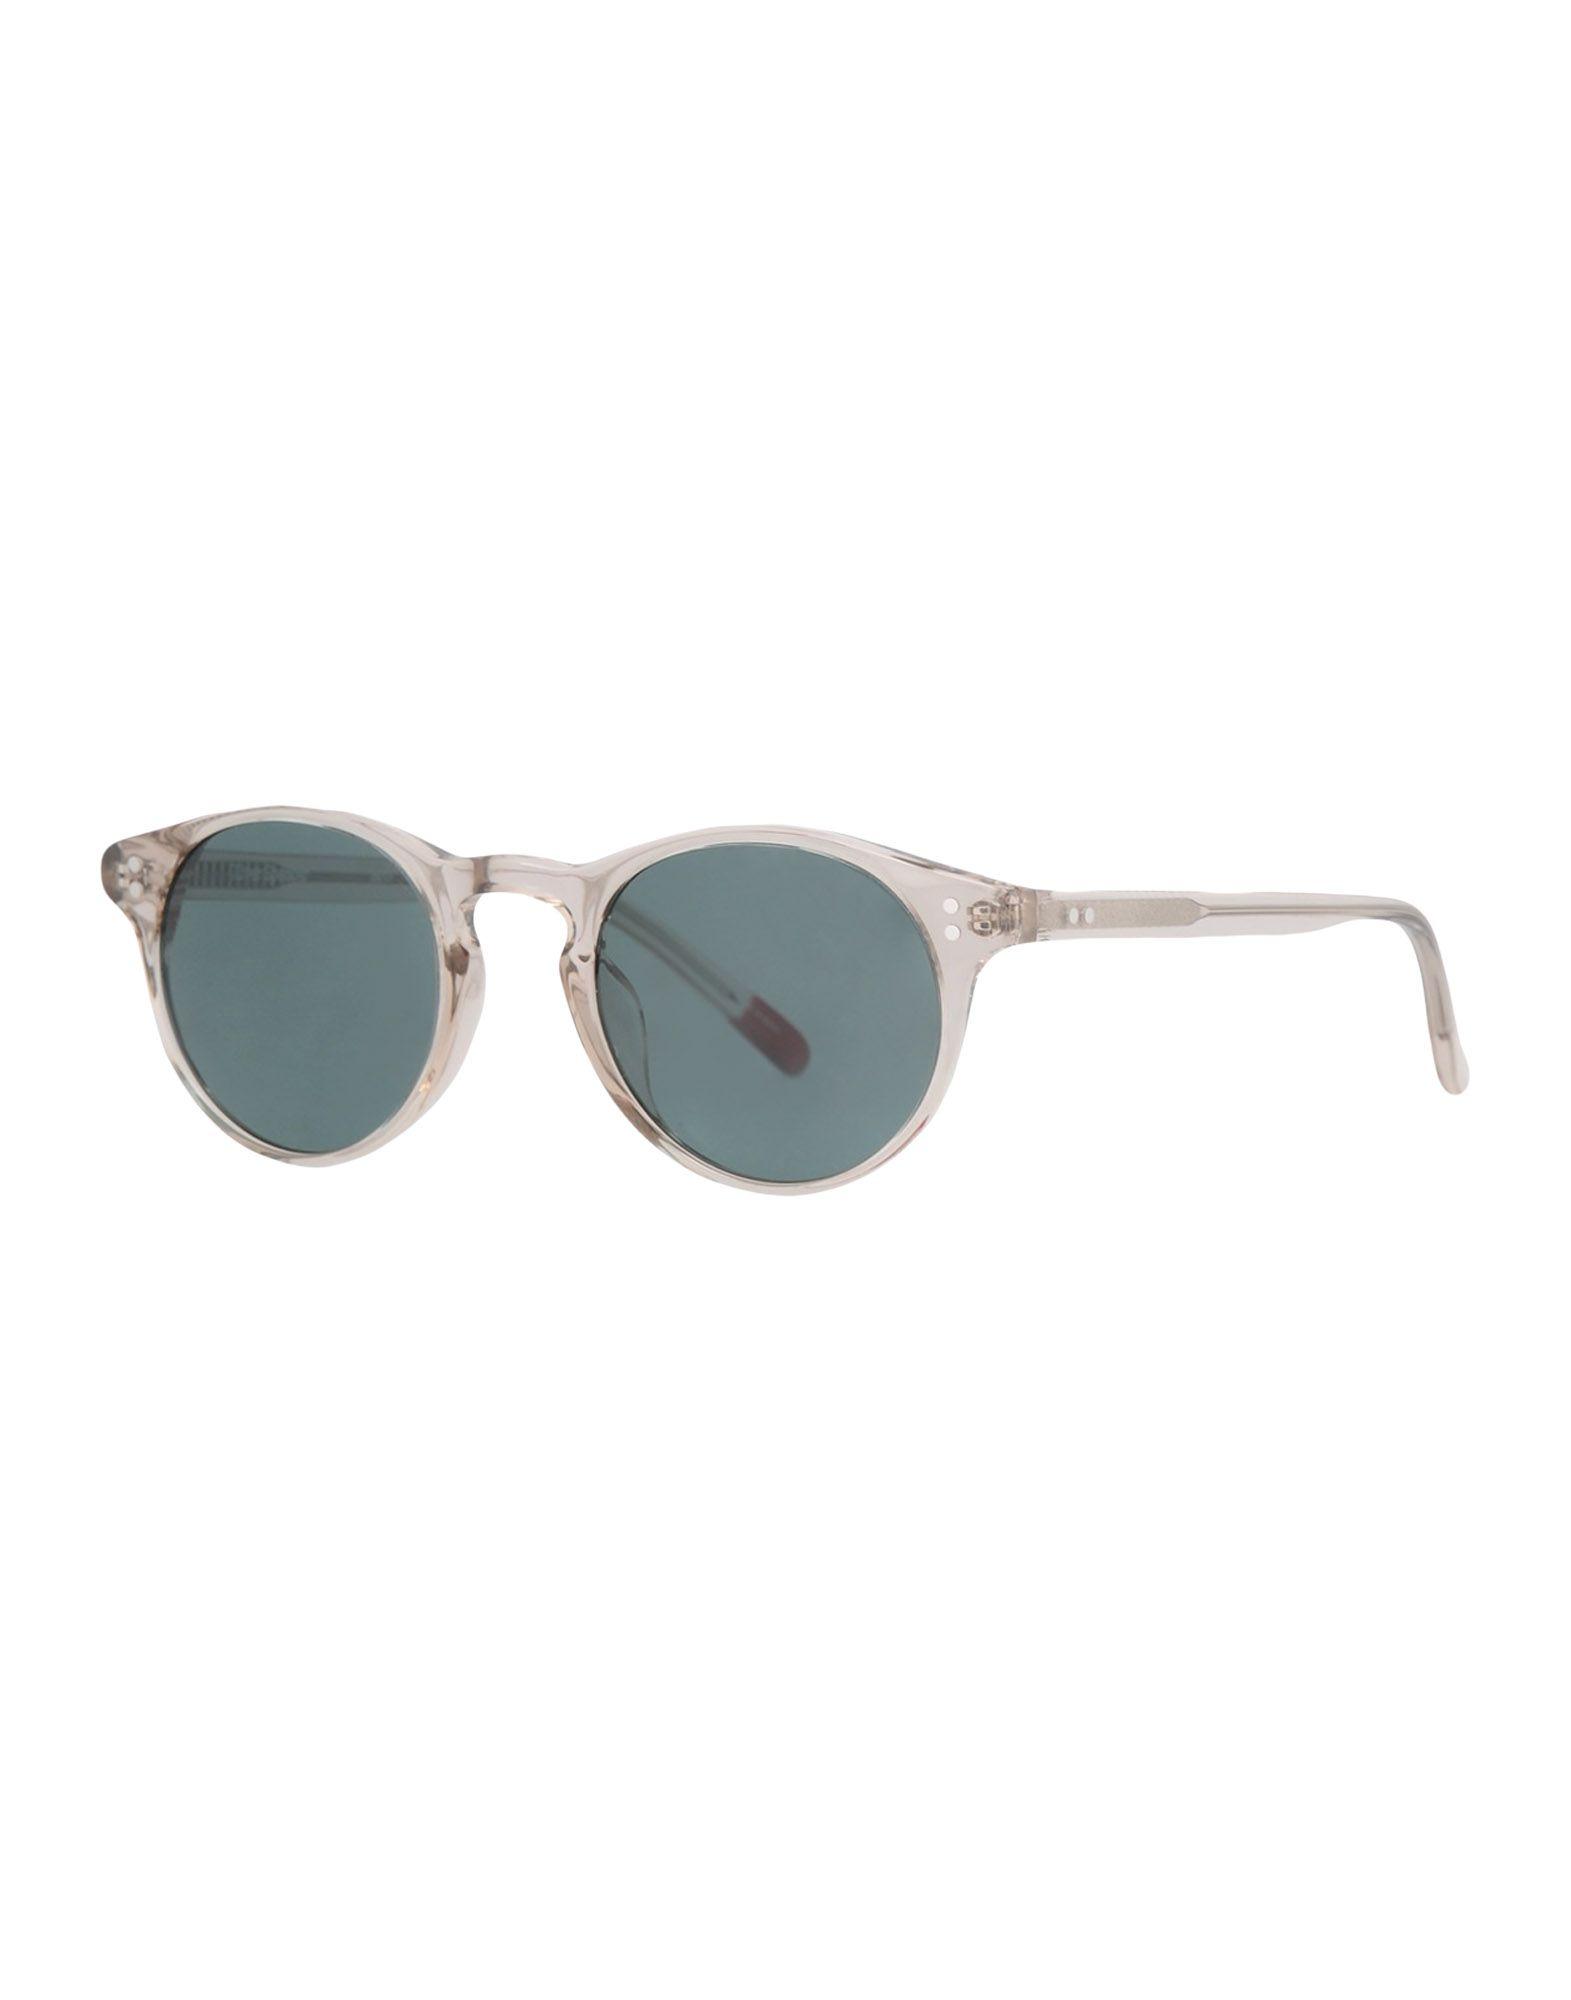 oliver spencer легкое пальто OLIVER SPENCER Солнечные очки